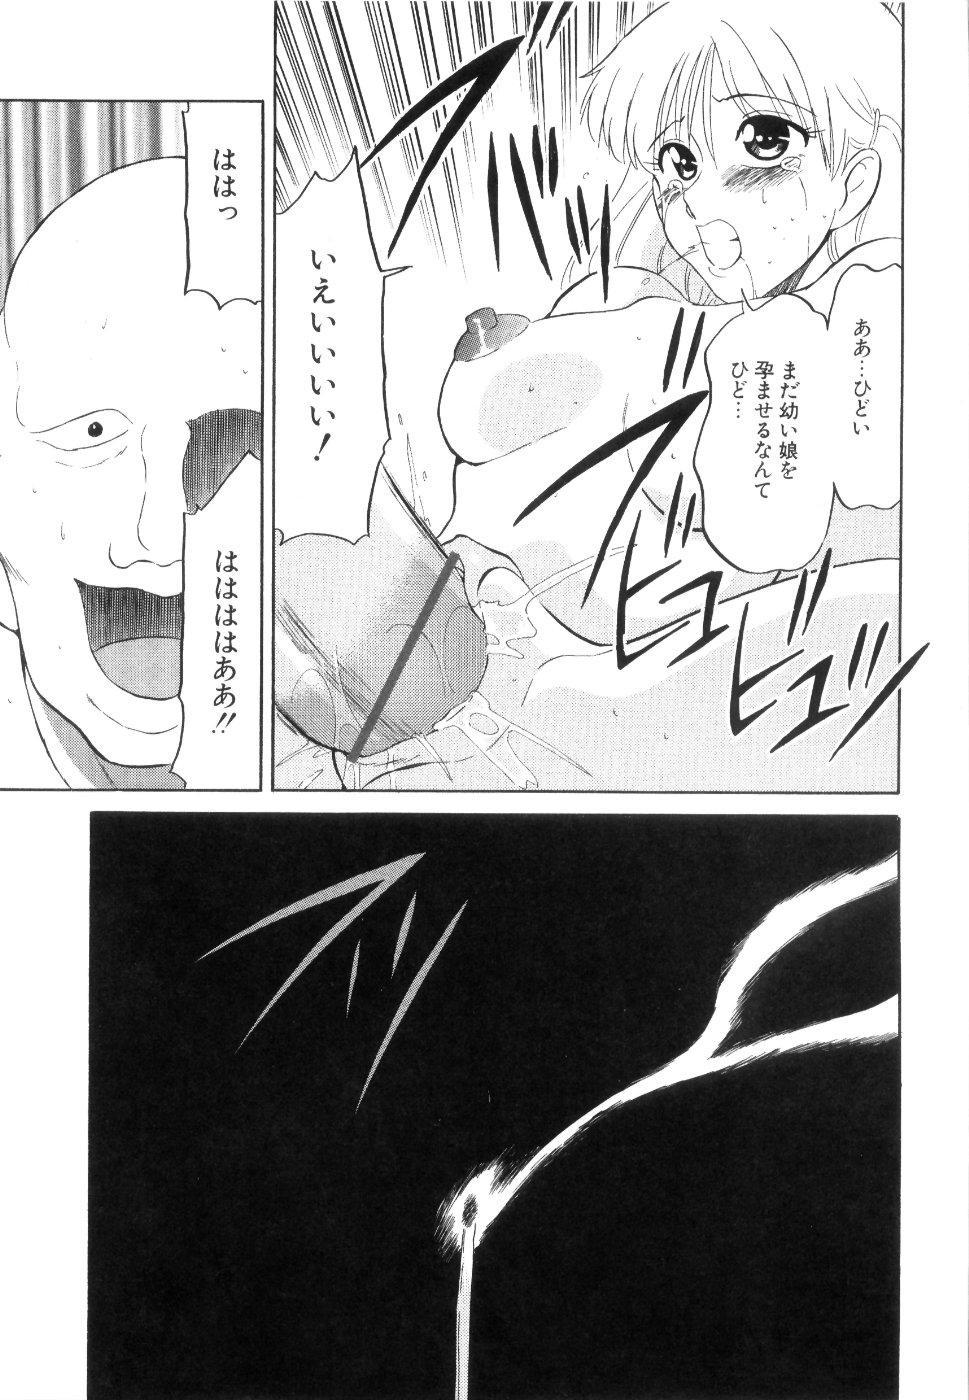 [Dozamura] Doguu -Dozamura Guuwa- Kuro 55